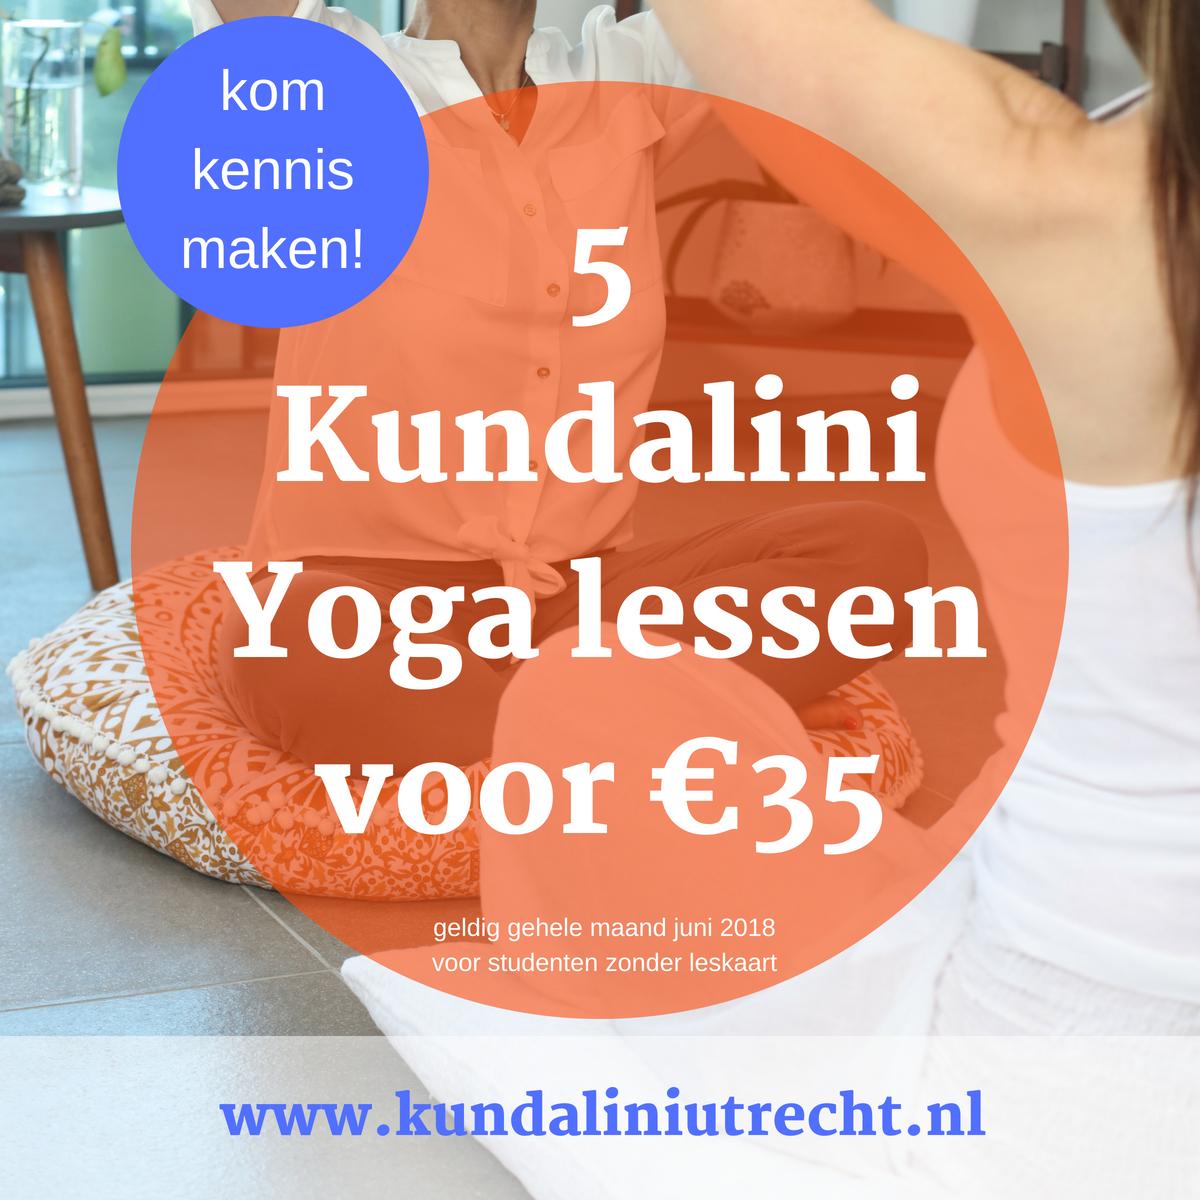 5 kundalini yoga lessen voor 35 euro in Juni